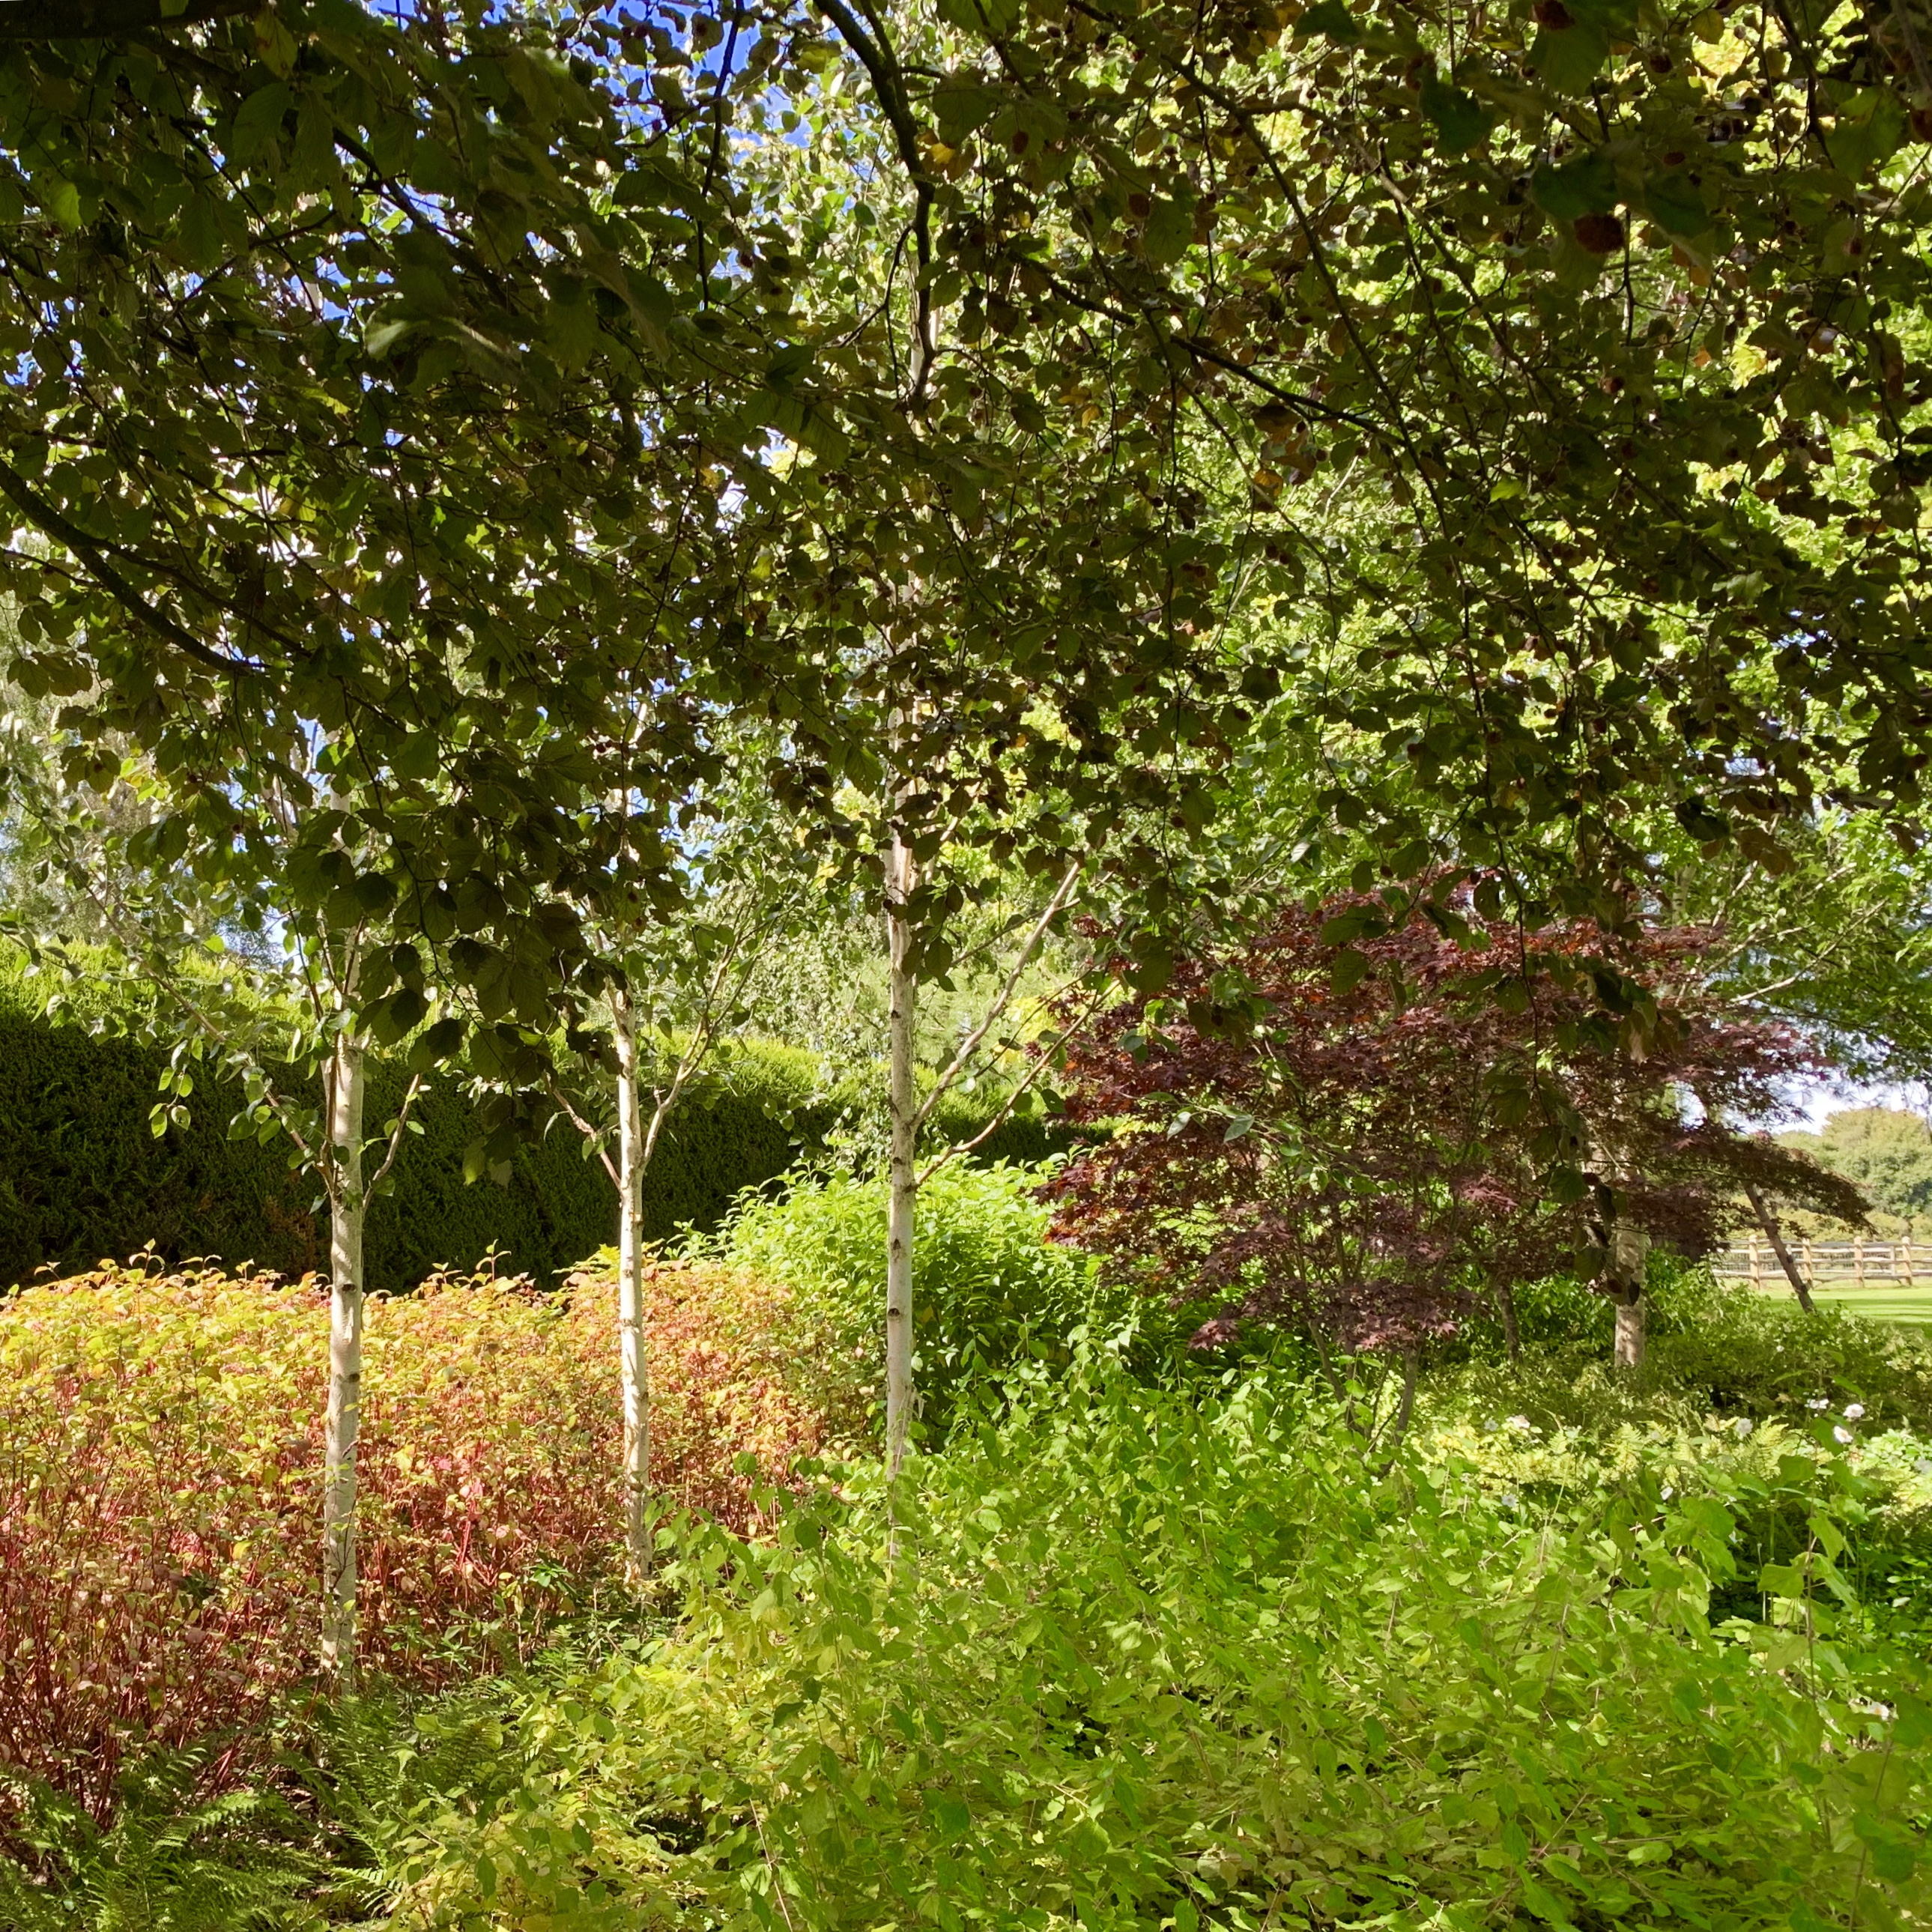 Acres Wild Surrey Serene Silver Birch Trees